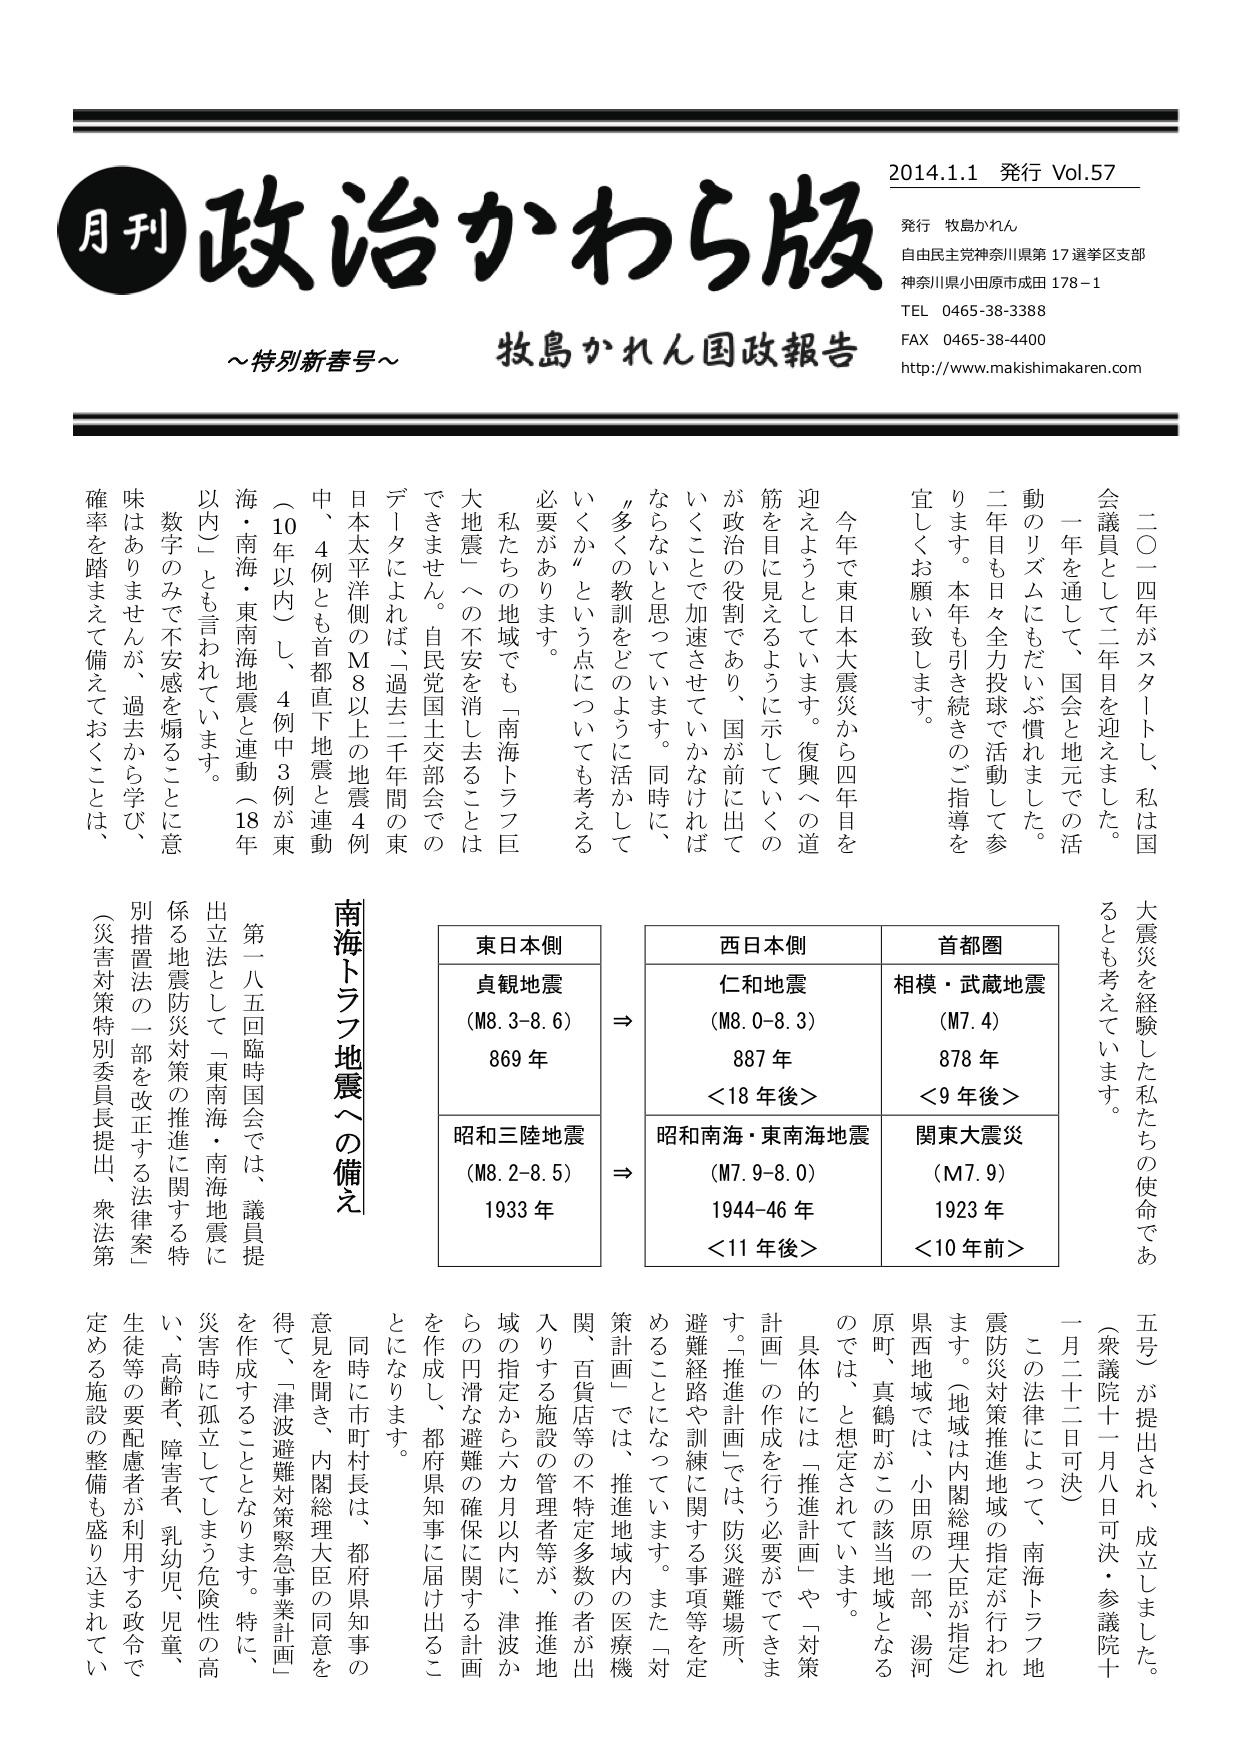 牧島かれん 政治かわら版特別新春号 Vol.57